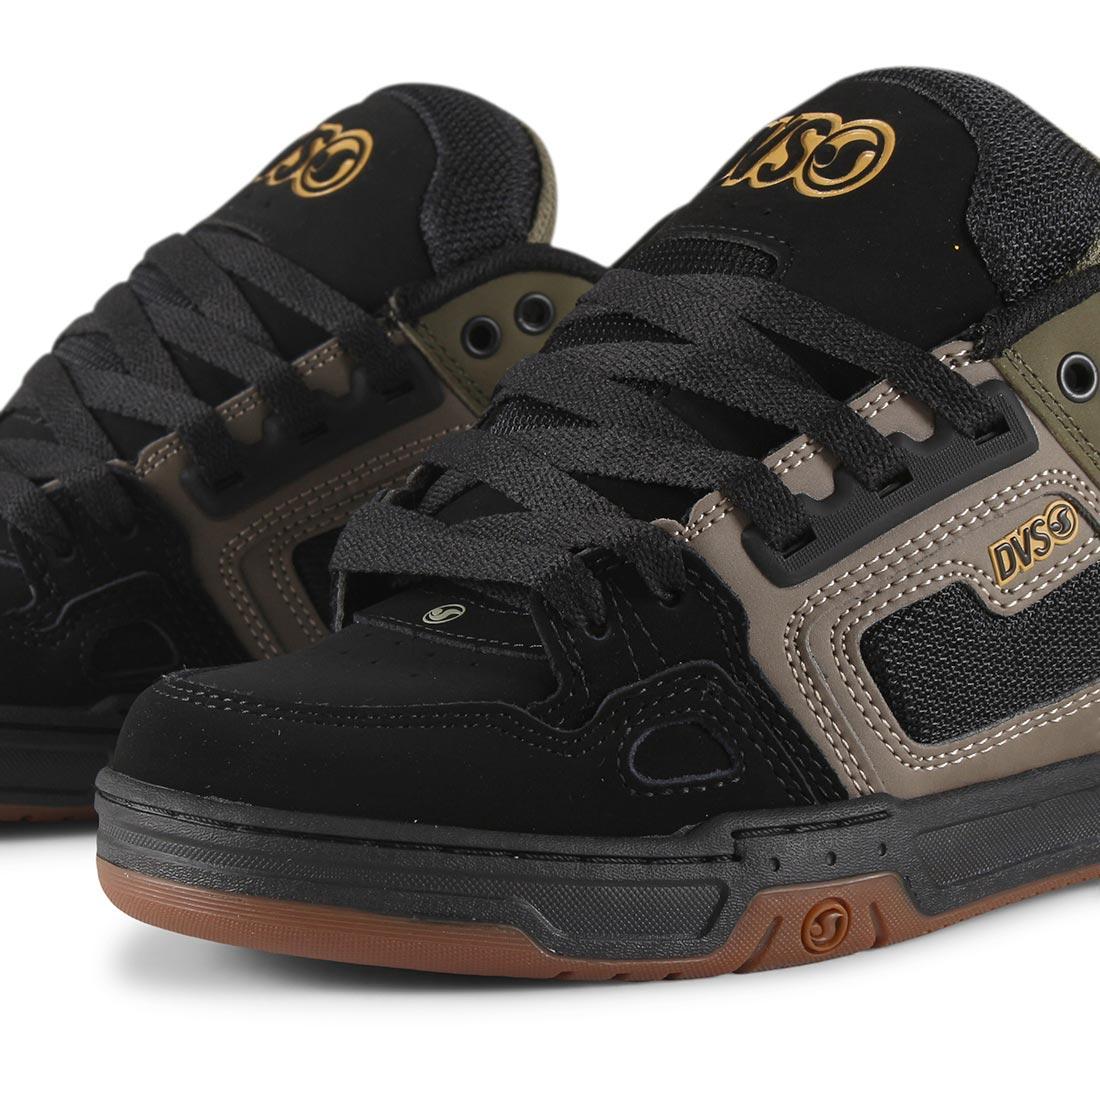 DVS Comanche Shoes - Brindle Olive / Black Nubuck